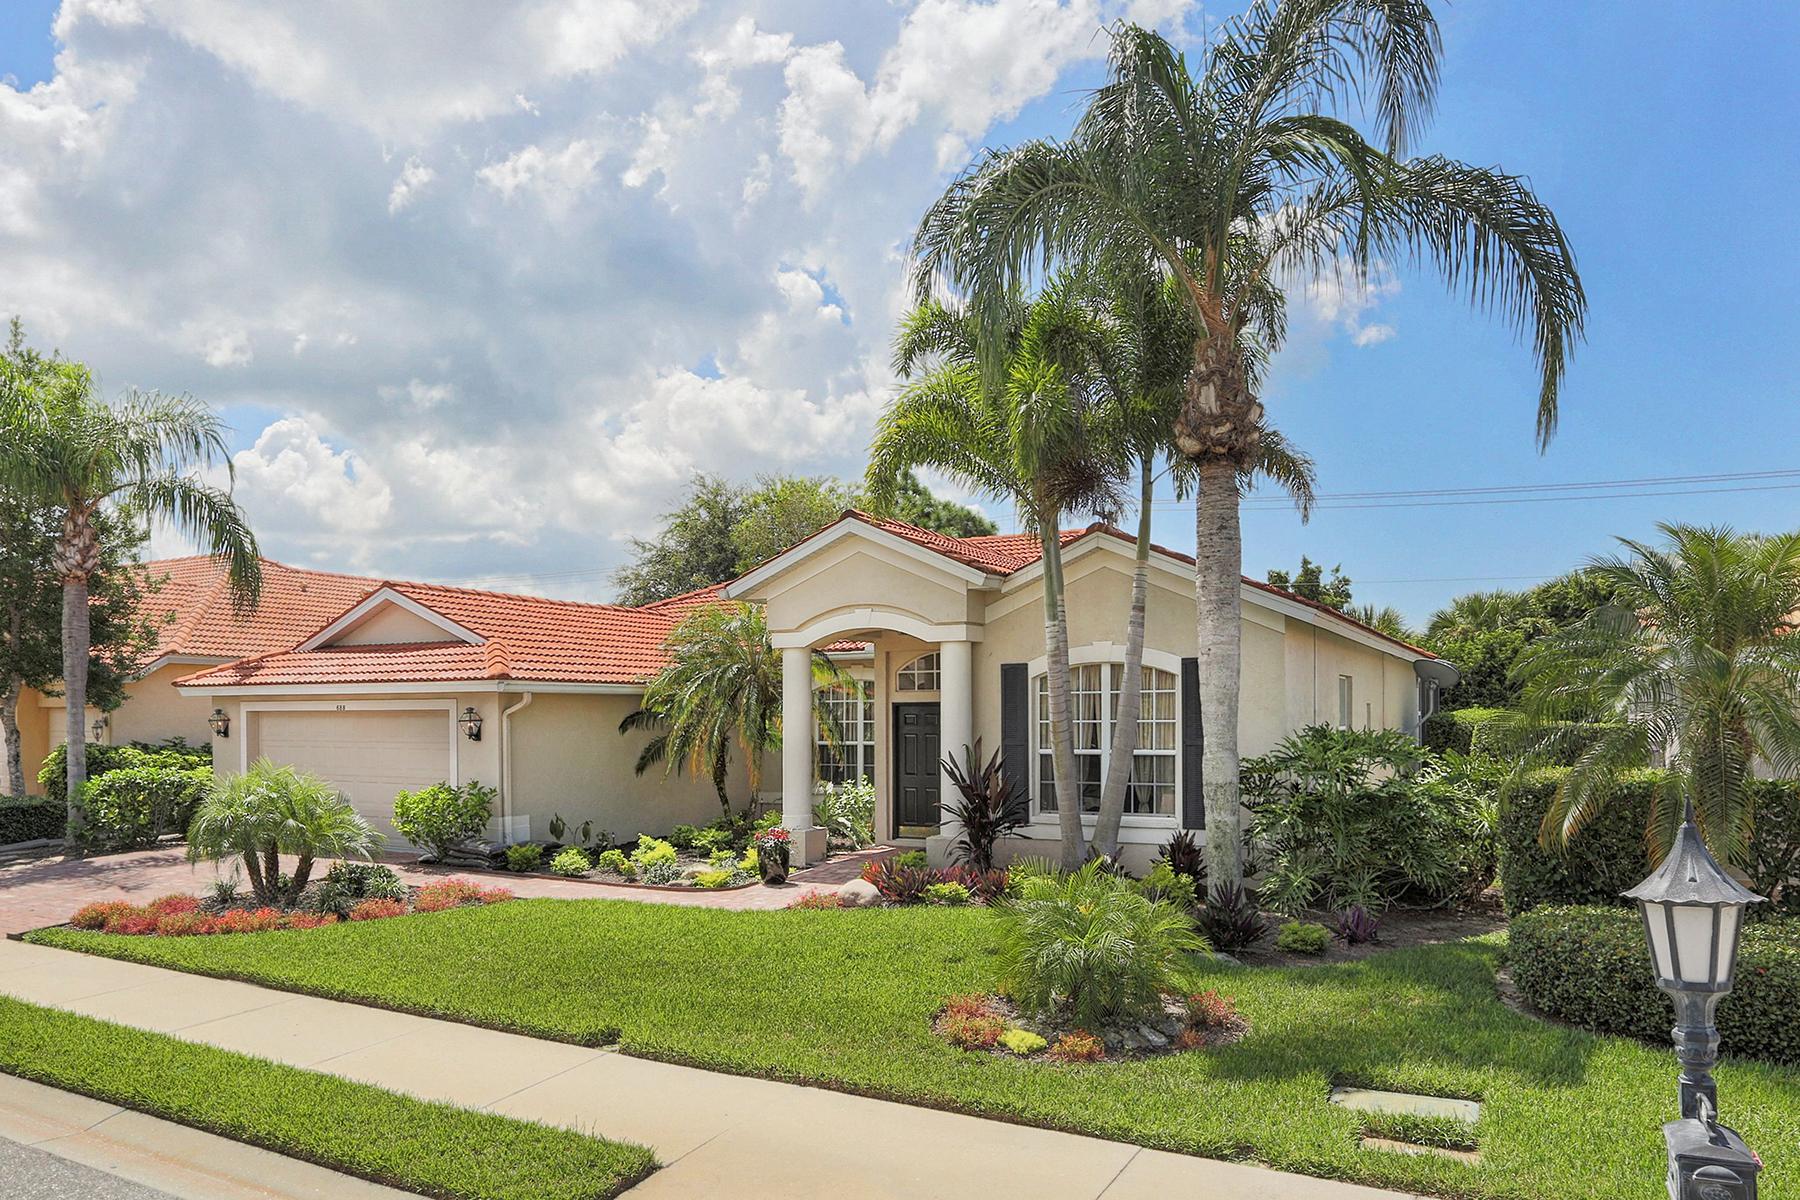 Maison unifamiliale pour l Vente à RIVENDELL 688 Shadow Bay Way Osprey, Florida 34229 États-Unis